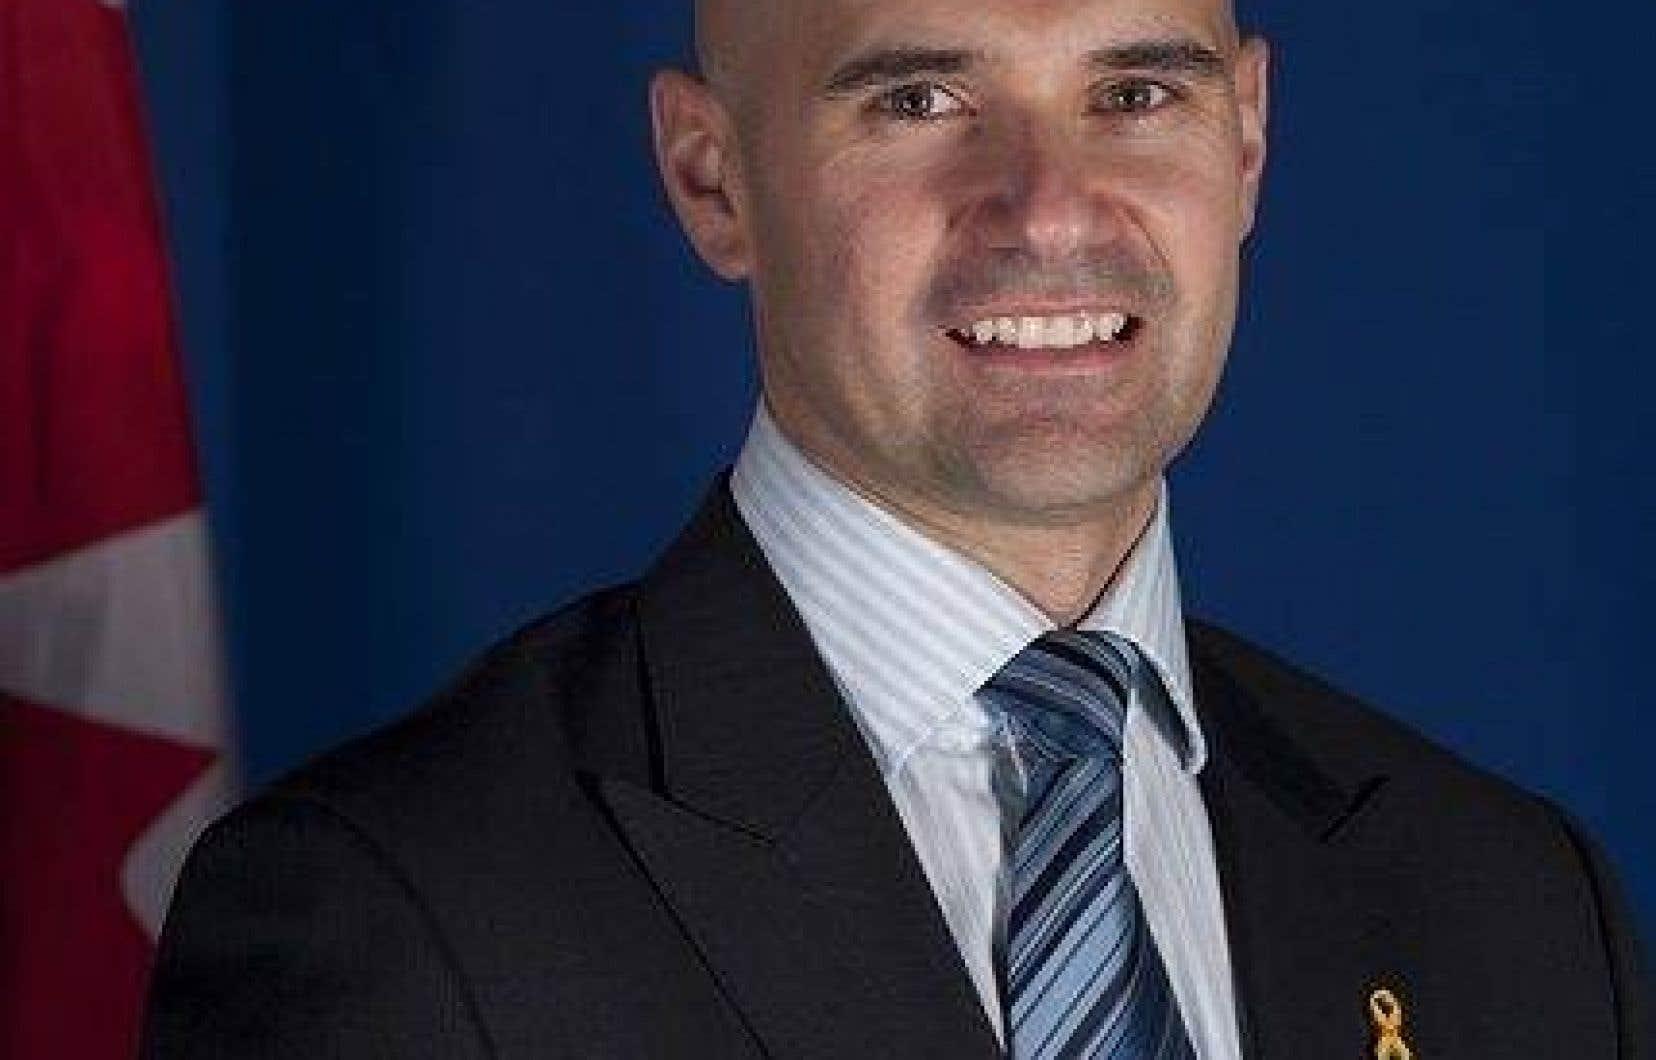 Dave Blackburn, un professeur en travail social à l'Université du Québec en Outaouais et ex-officier des Forces armées canadiennes, se présentera dans la circonscription de Pontiac.